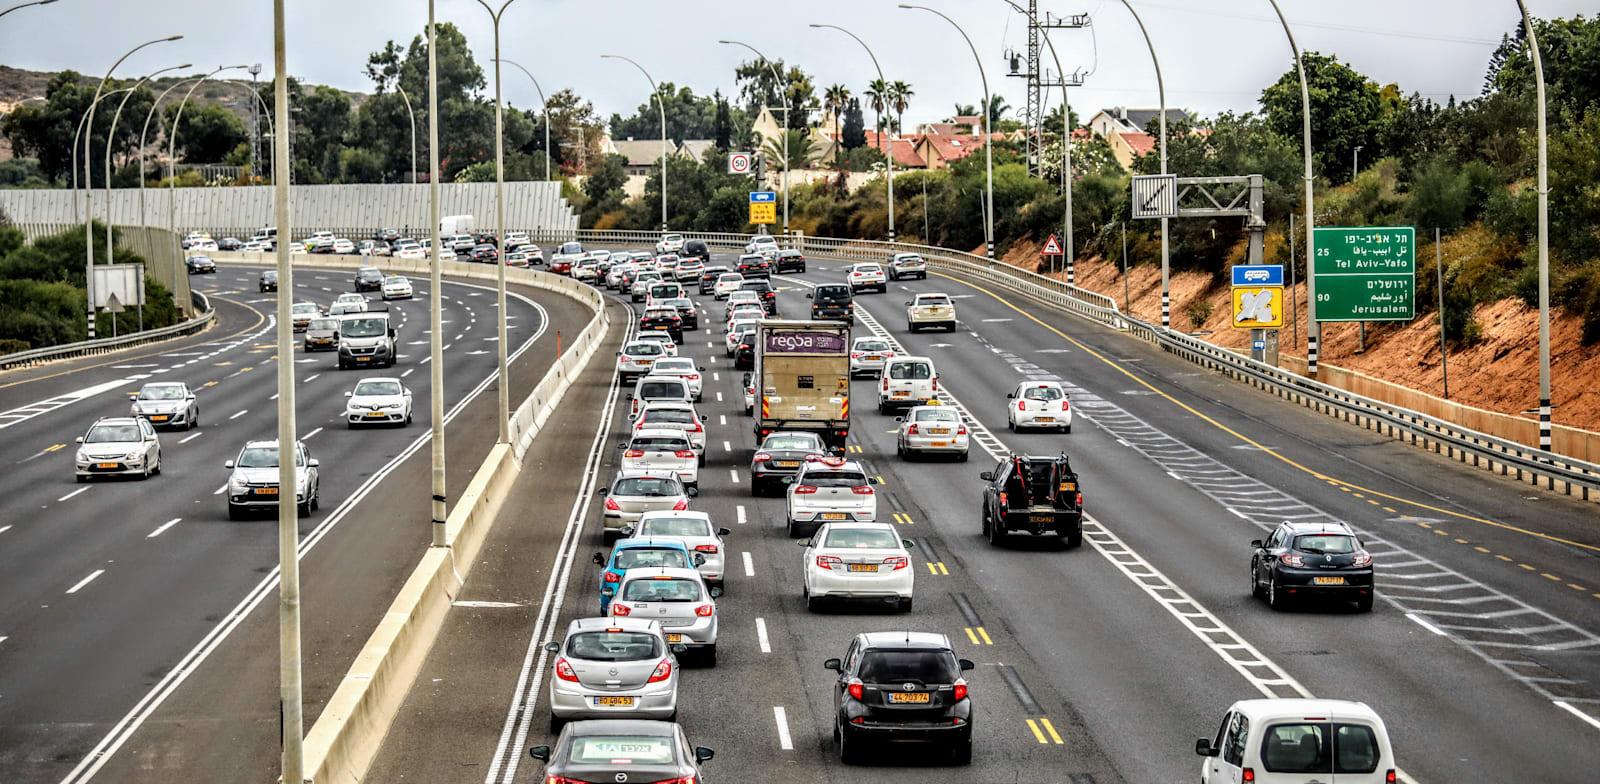 פקק ליד נתניה. בחמשת החודשים הראשונים של 2021 נוספו לכבישי ישראל כ-152 אלף כלי רכב / צילום: שלומי יוסף